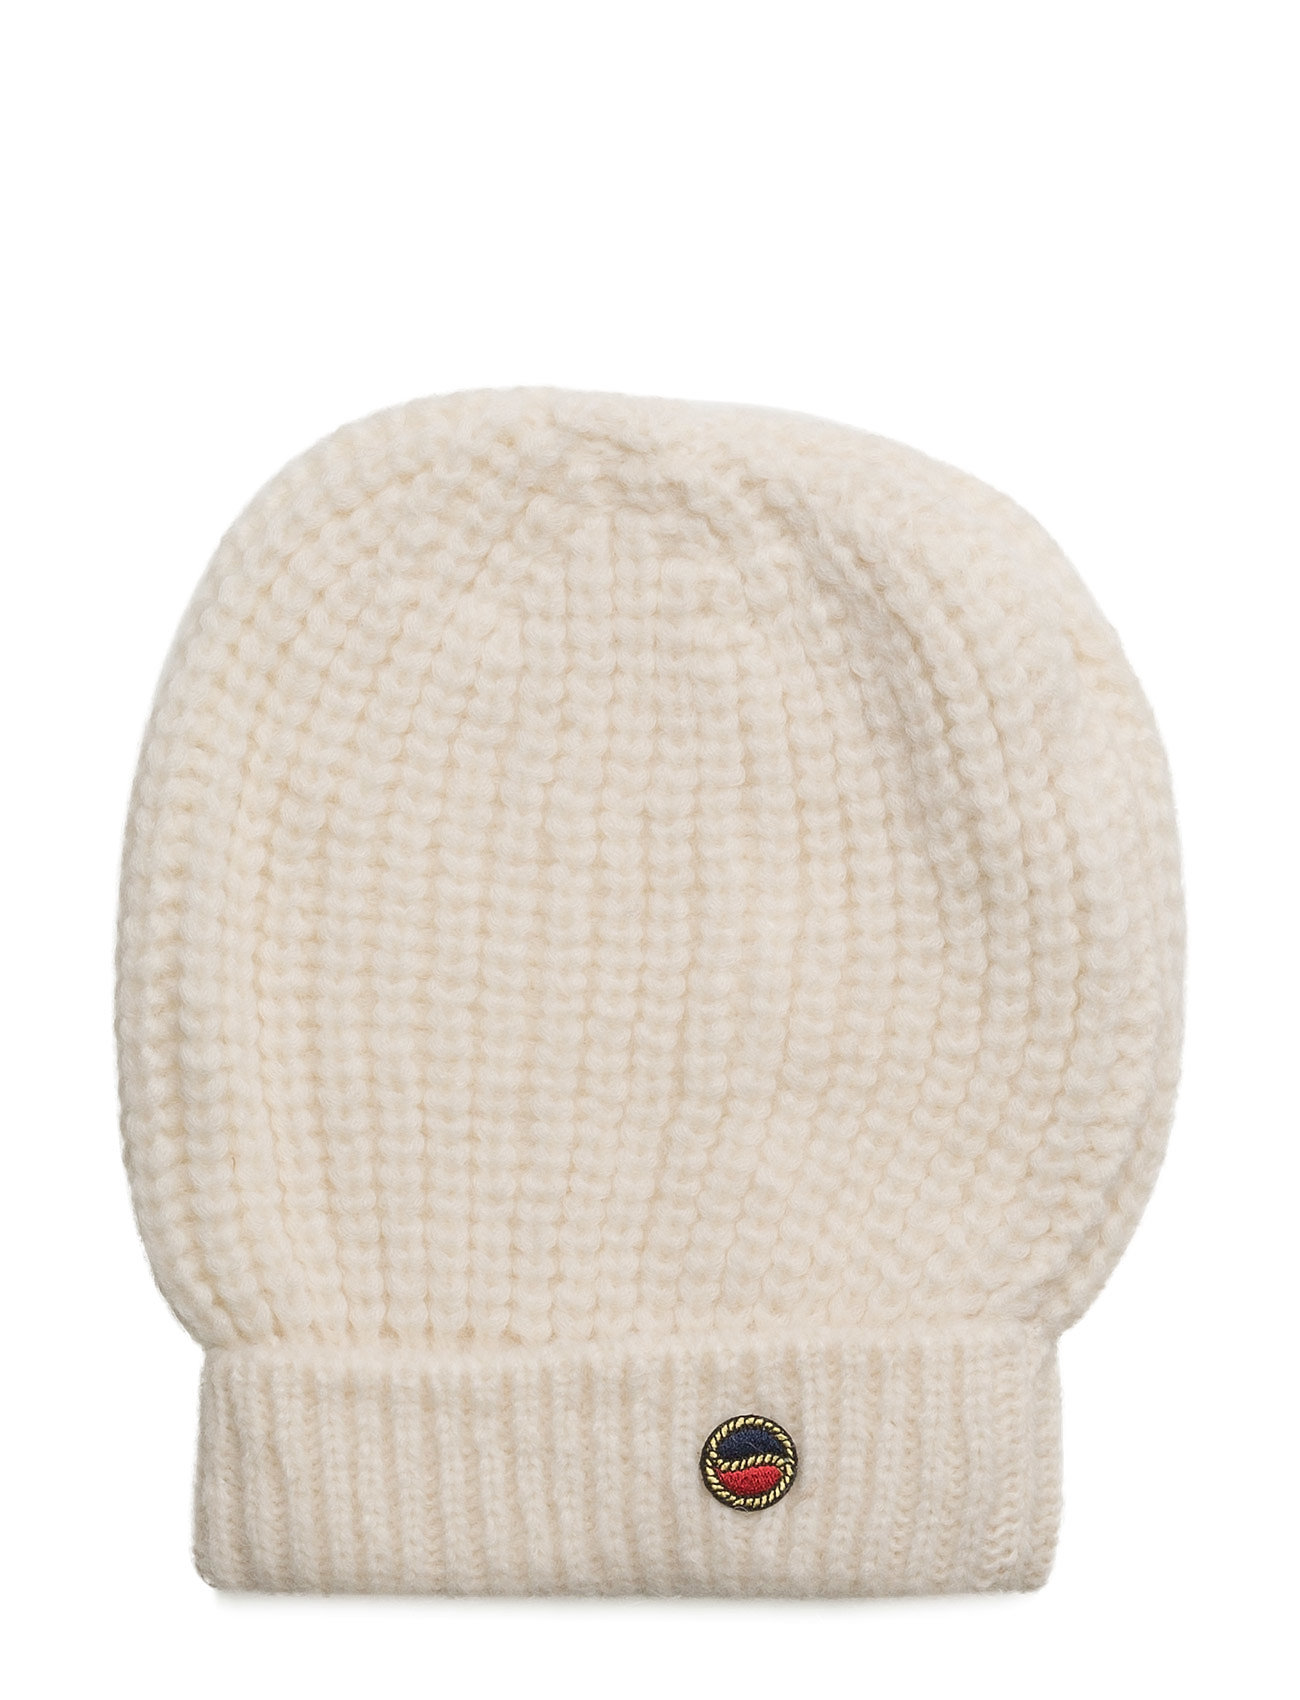 MÈRibel Hat BUSNEL Hatte & Caps til Damer i Råhvid